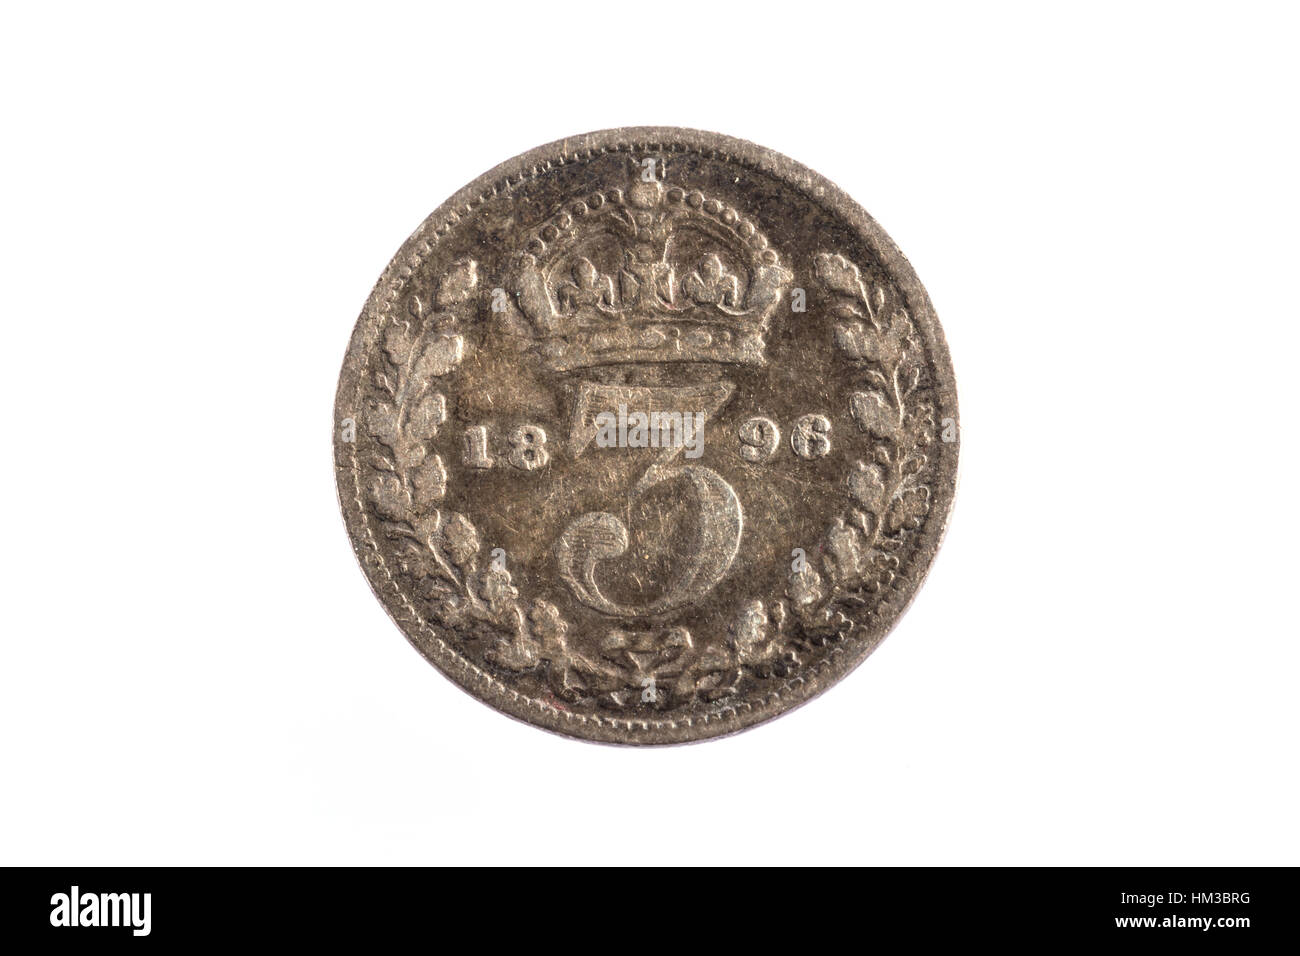 Eine 1898 drei Penny kaiserliche Münze Stockbild